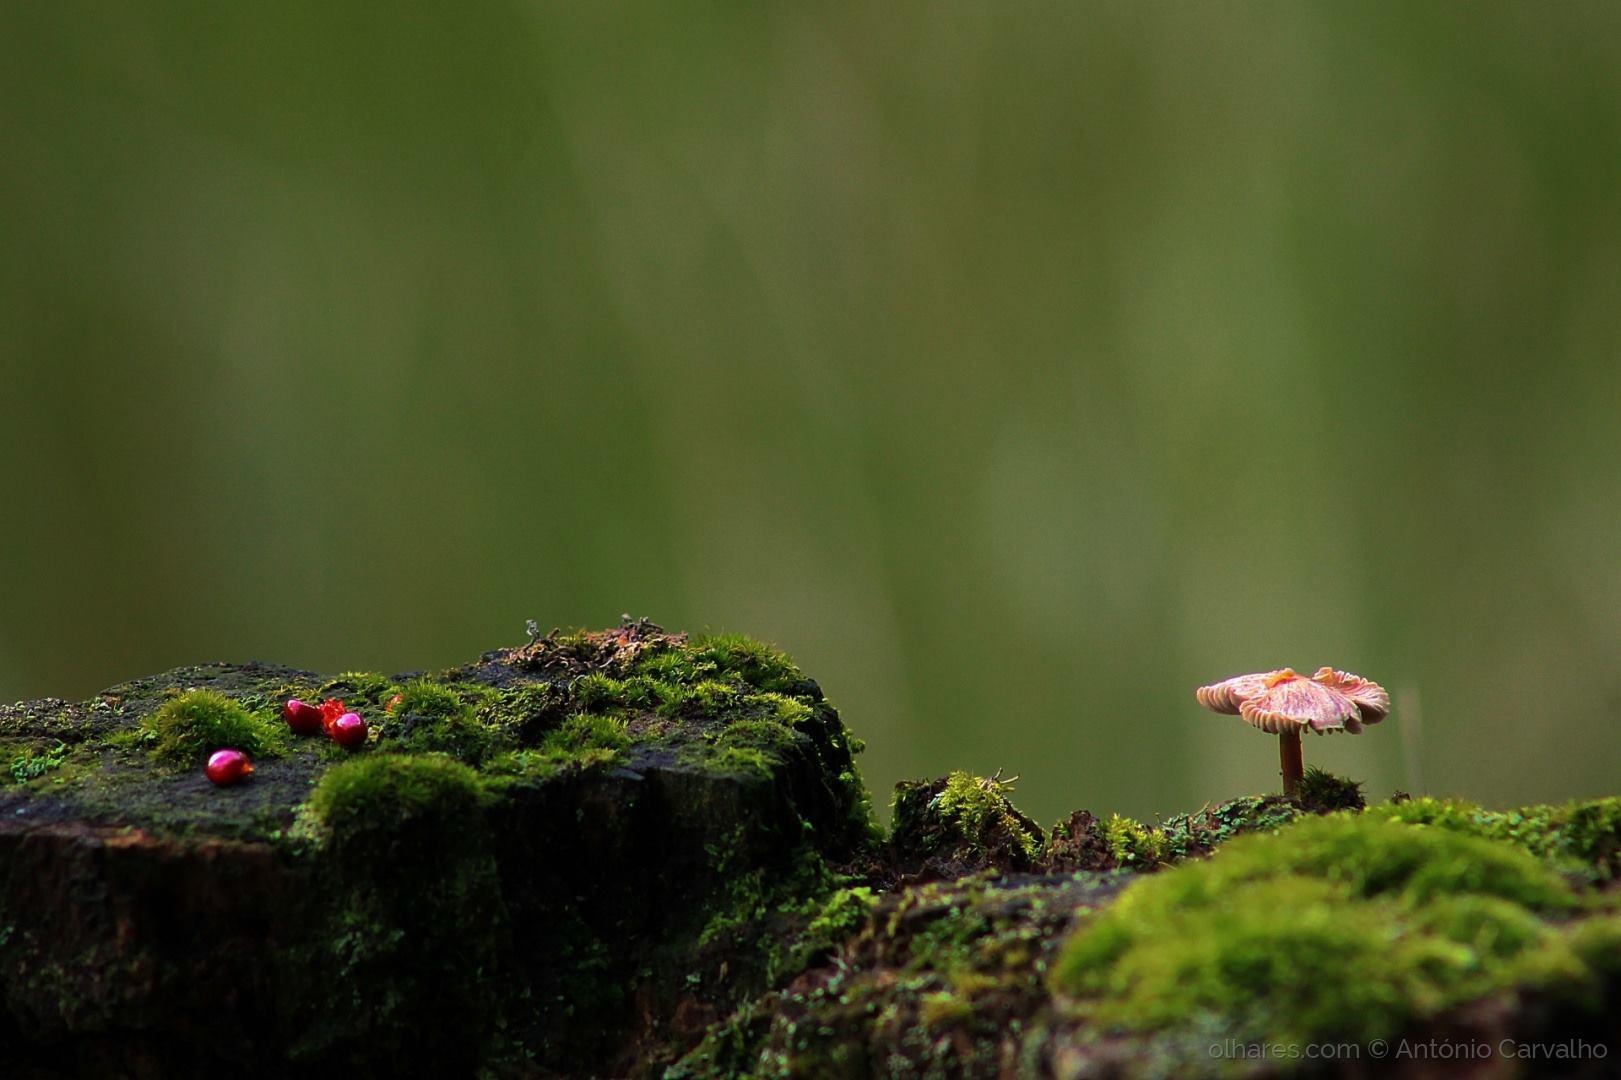 © António Carvalho - Cogumelo com frutos vermelhos